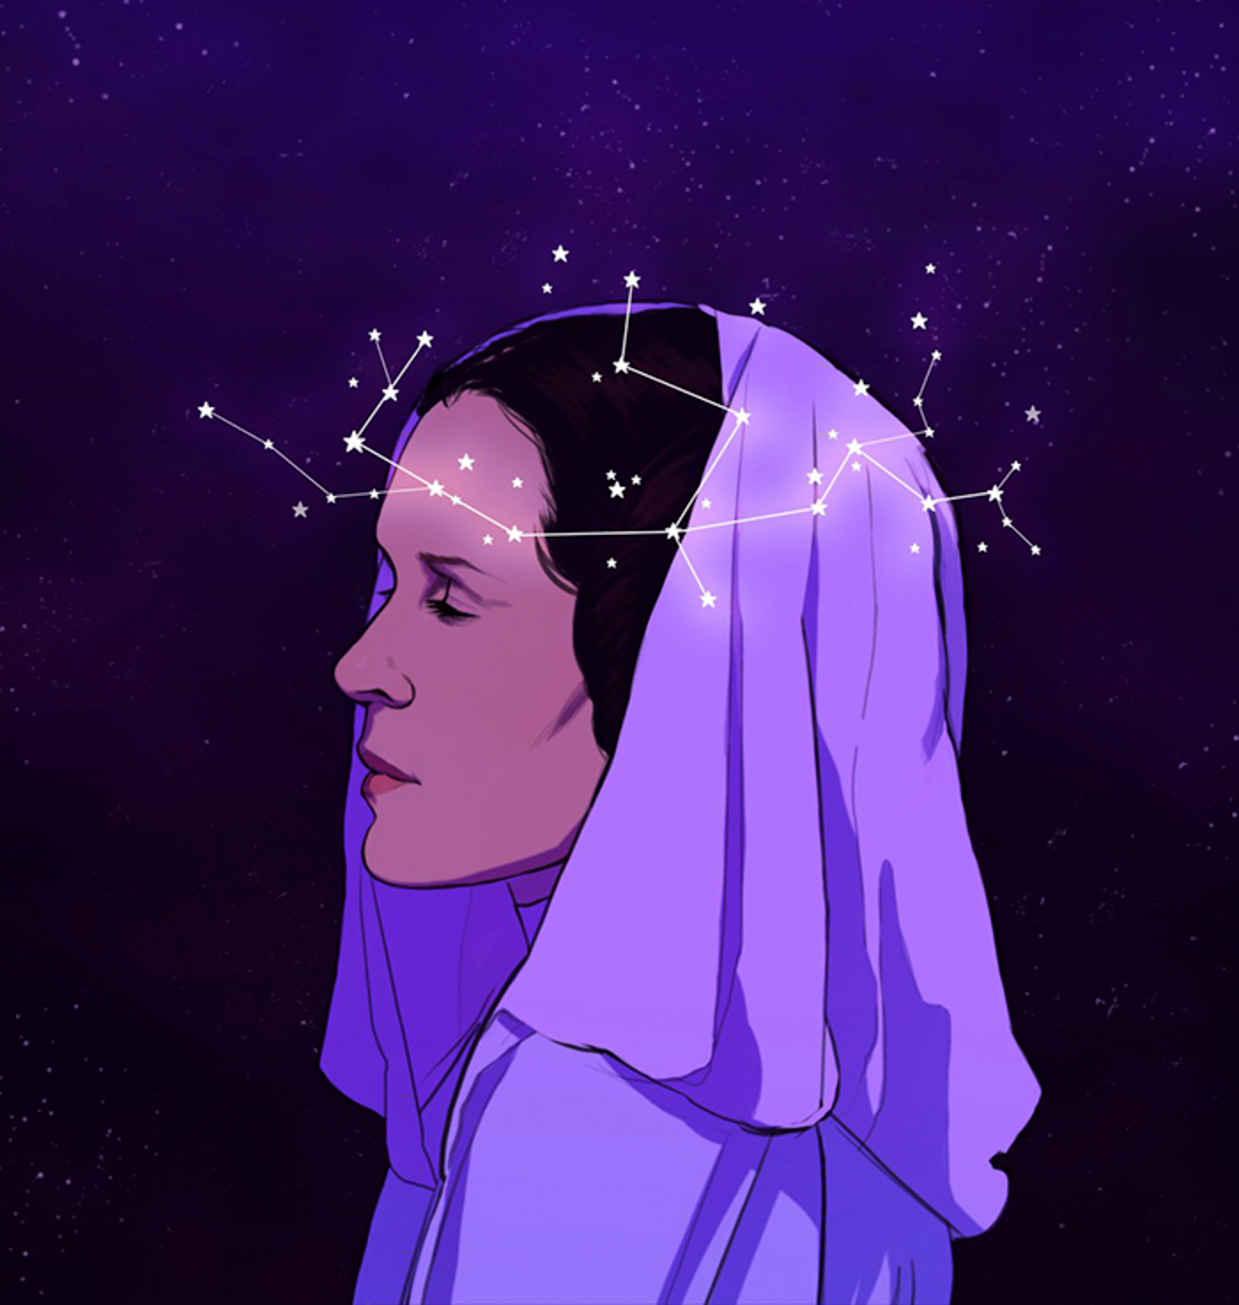 Les hommages en illustrations de Carry Fisher ou Princesse Leia dans StarWars 15